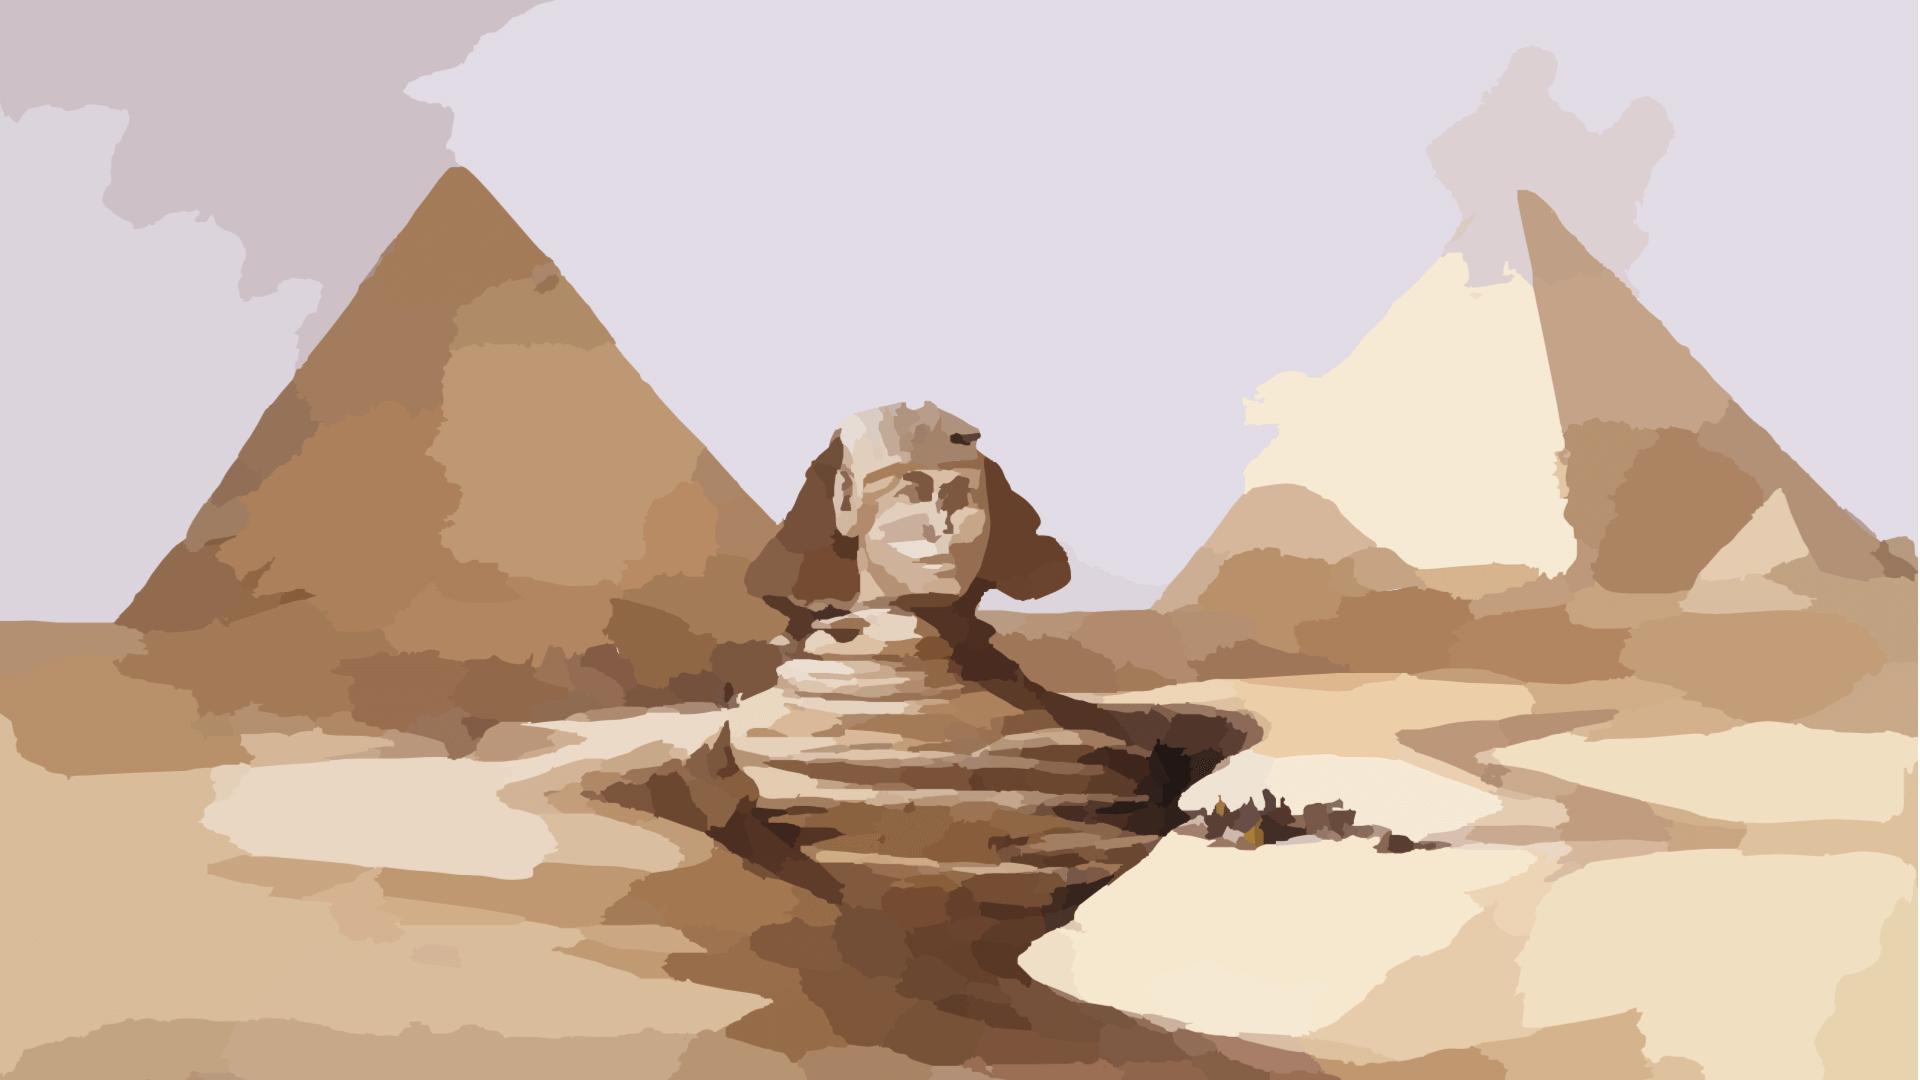 Warum wurden die Pyramiden in Ägypten gebaut?